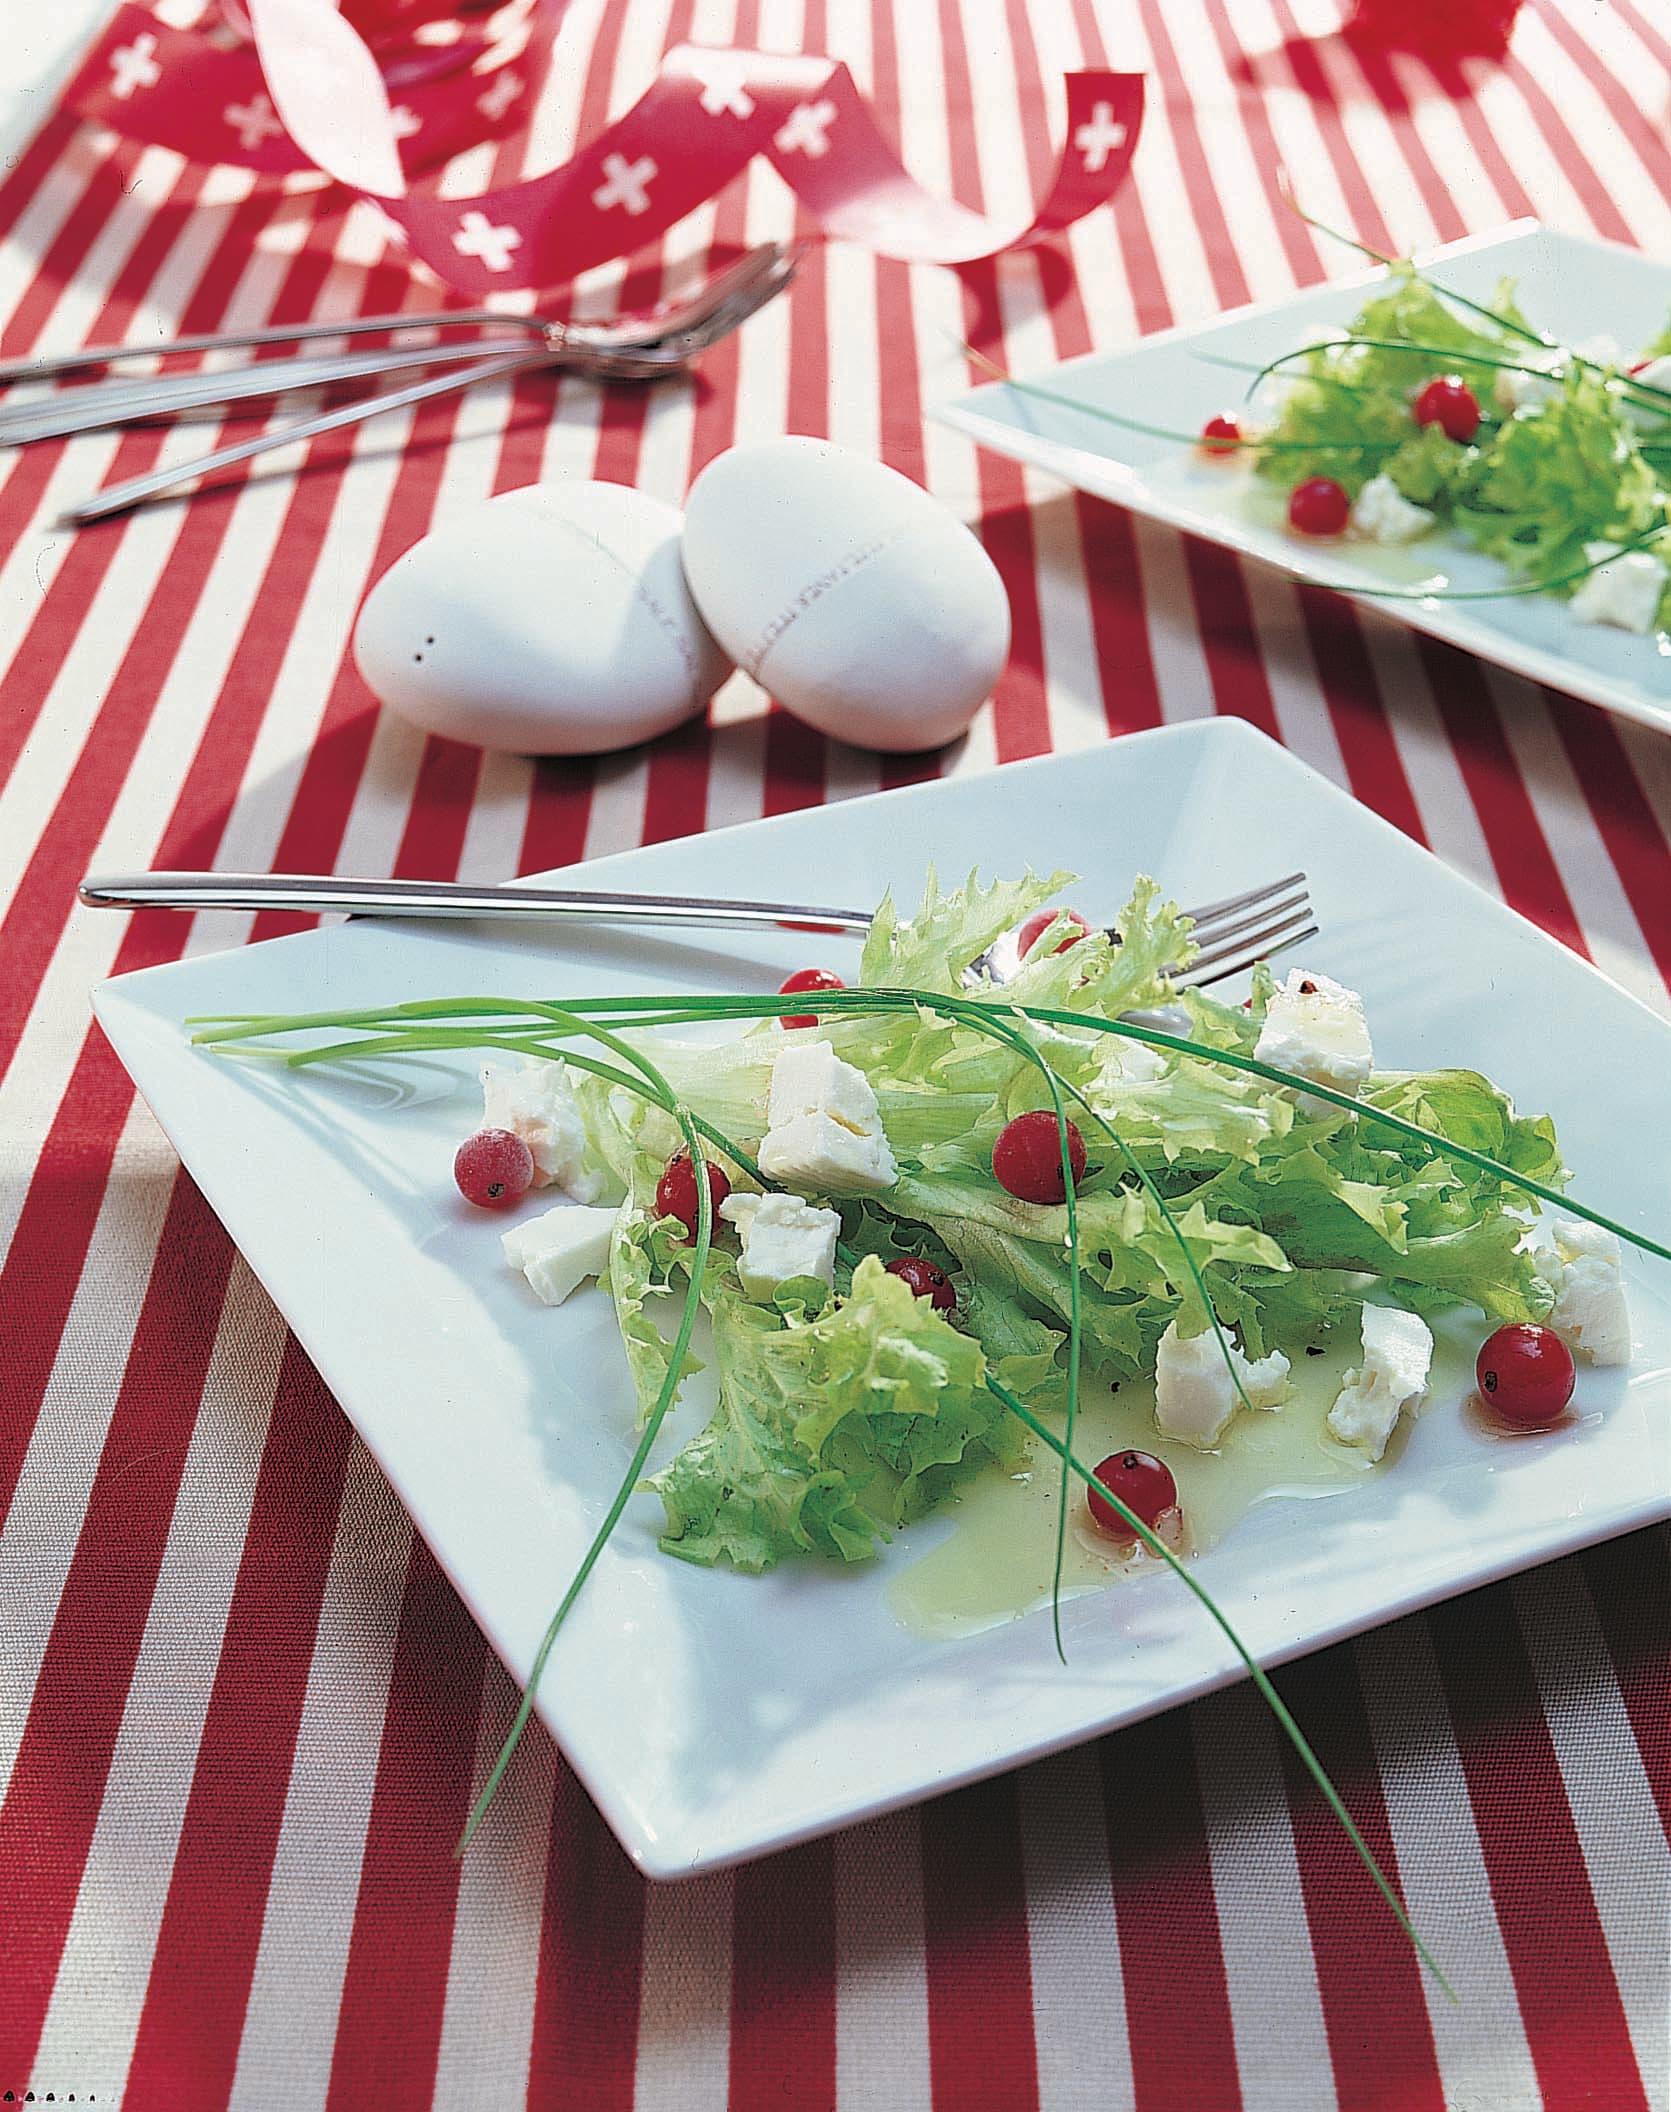 Salade lollo au fromage frais et aux raisinets